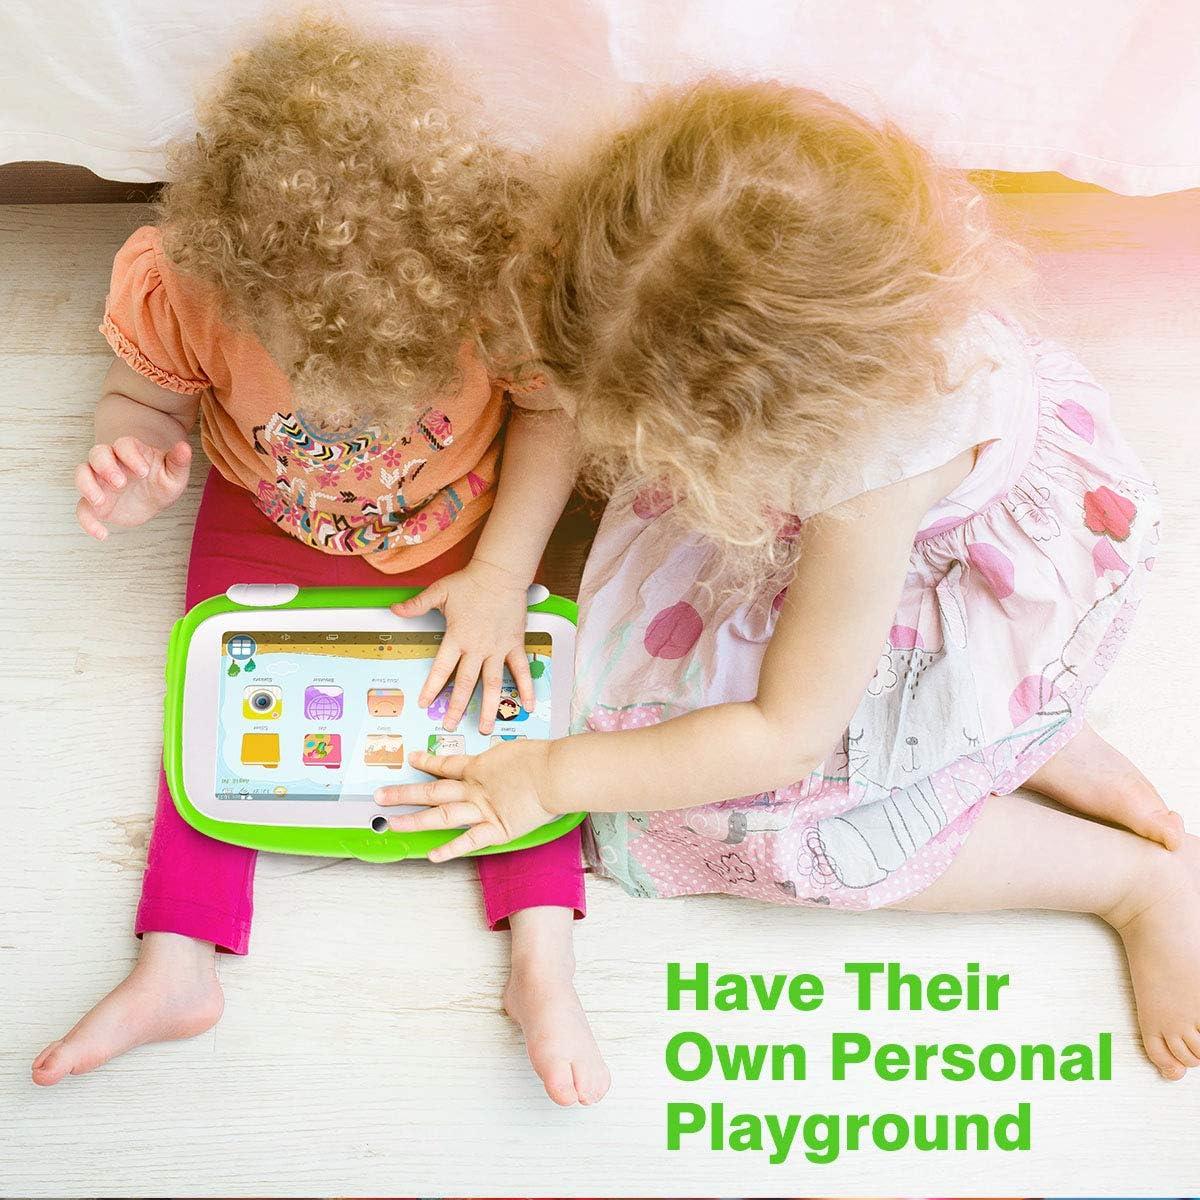 Tablette Enfants Excelvan 7 Pouces Tablette Android 9.0 Pie Adorable Coque de Protection 1Go RAM 16Go ROM Bleu iWaWa /& Google Play Pr/é-Install/é pour Les Enfants /Éducation Divertissement